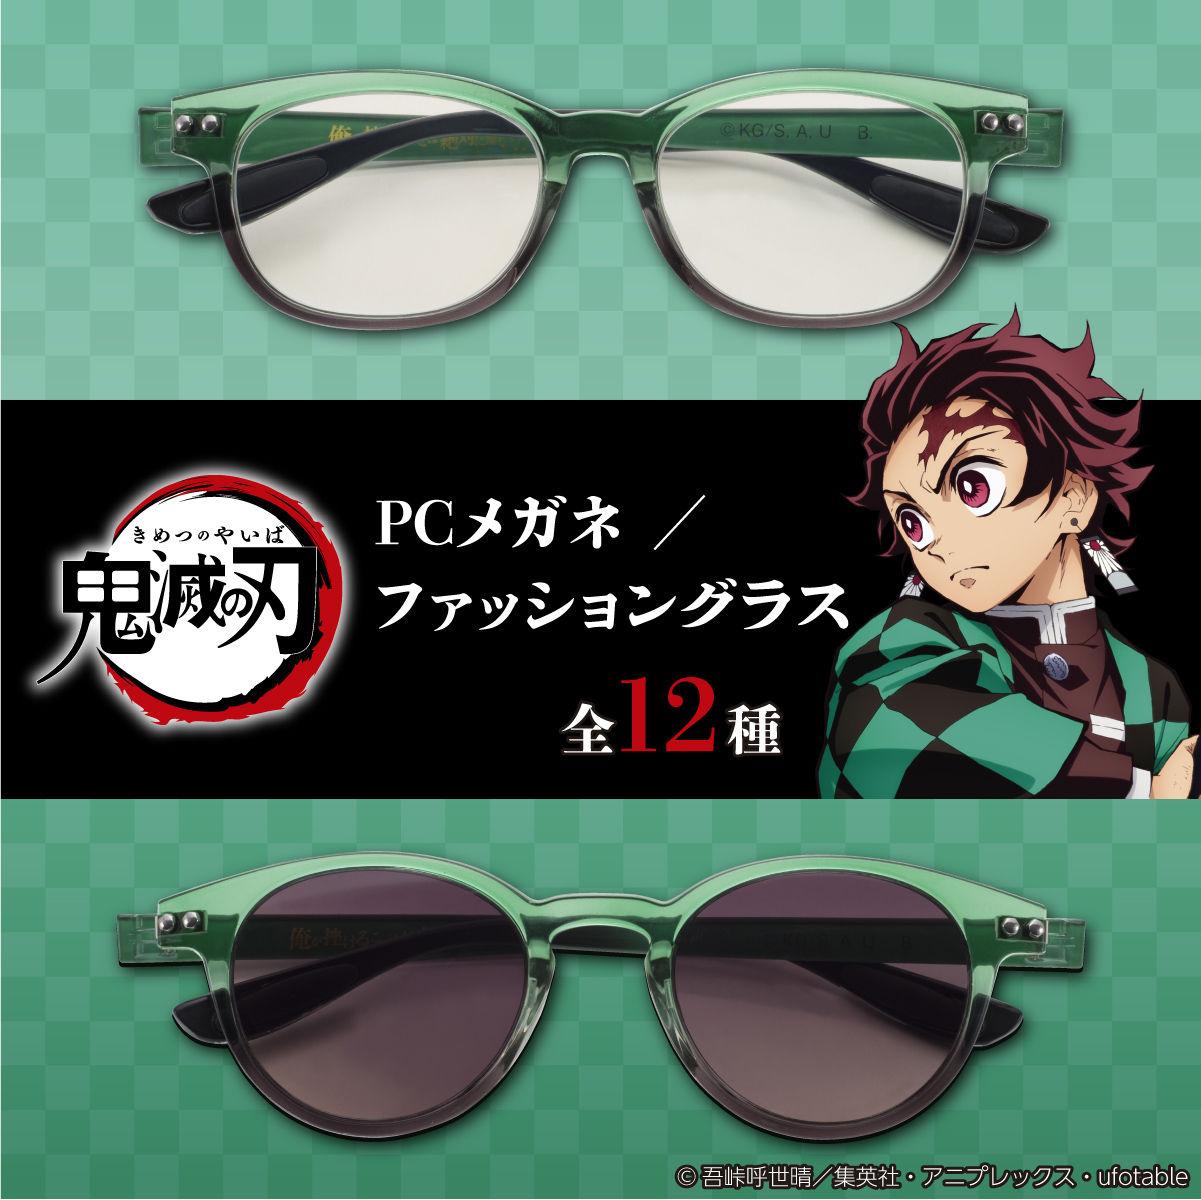 「鬼滅の刃」PCメガネ&ファッショングラス